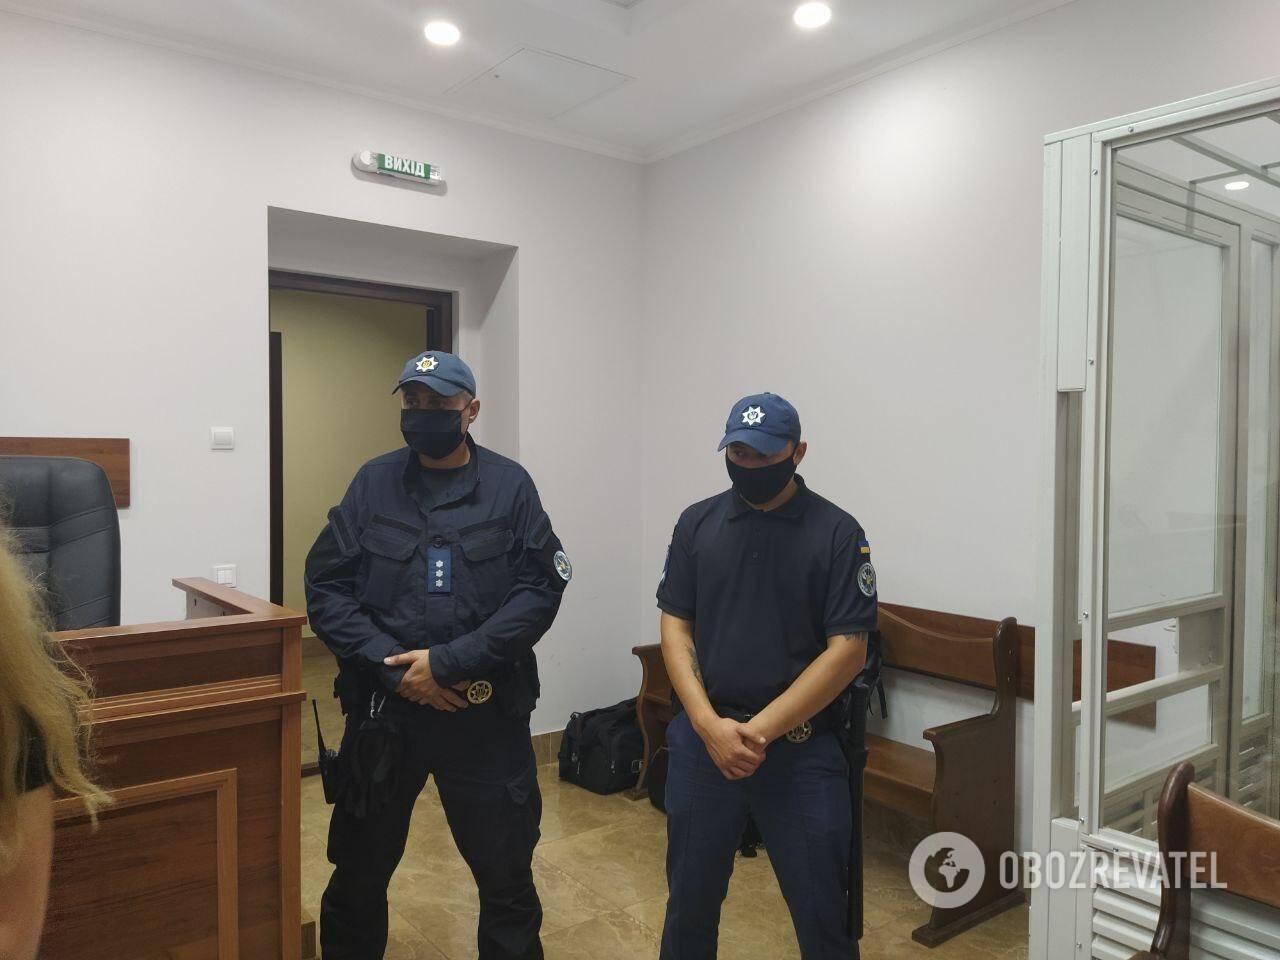 Суд арештував підозрюваного у скоєнні ДТП у Києві із чотирма загиблими Желепу. Правоохоронці